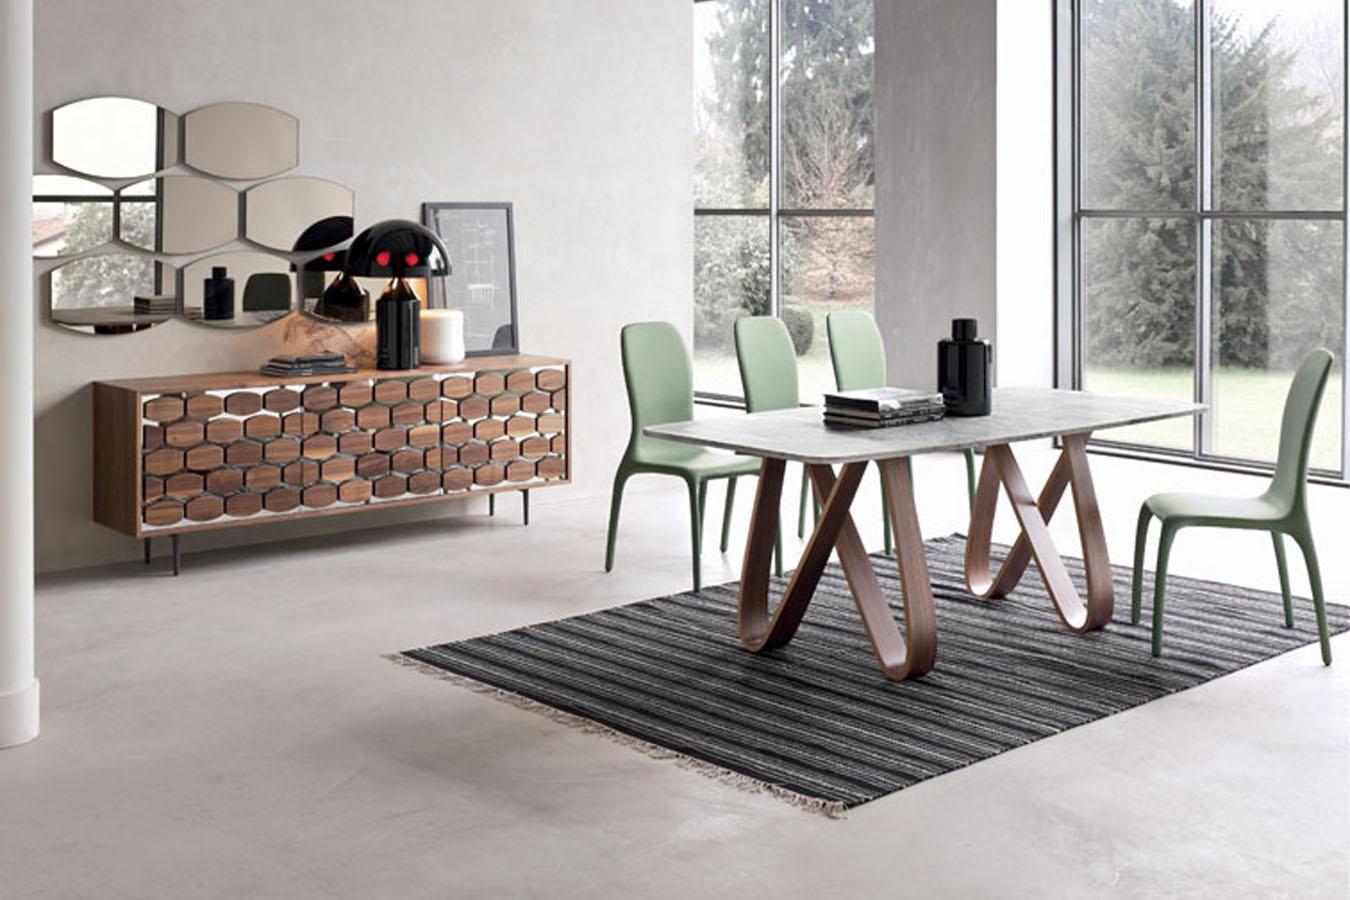 Tonin-casa-tavolo-Butterfly-moderno-design-rettangolare-legno-pranzo-soggiorno-arredamento-interni-mobili-righetti-novara